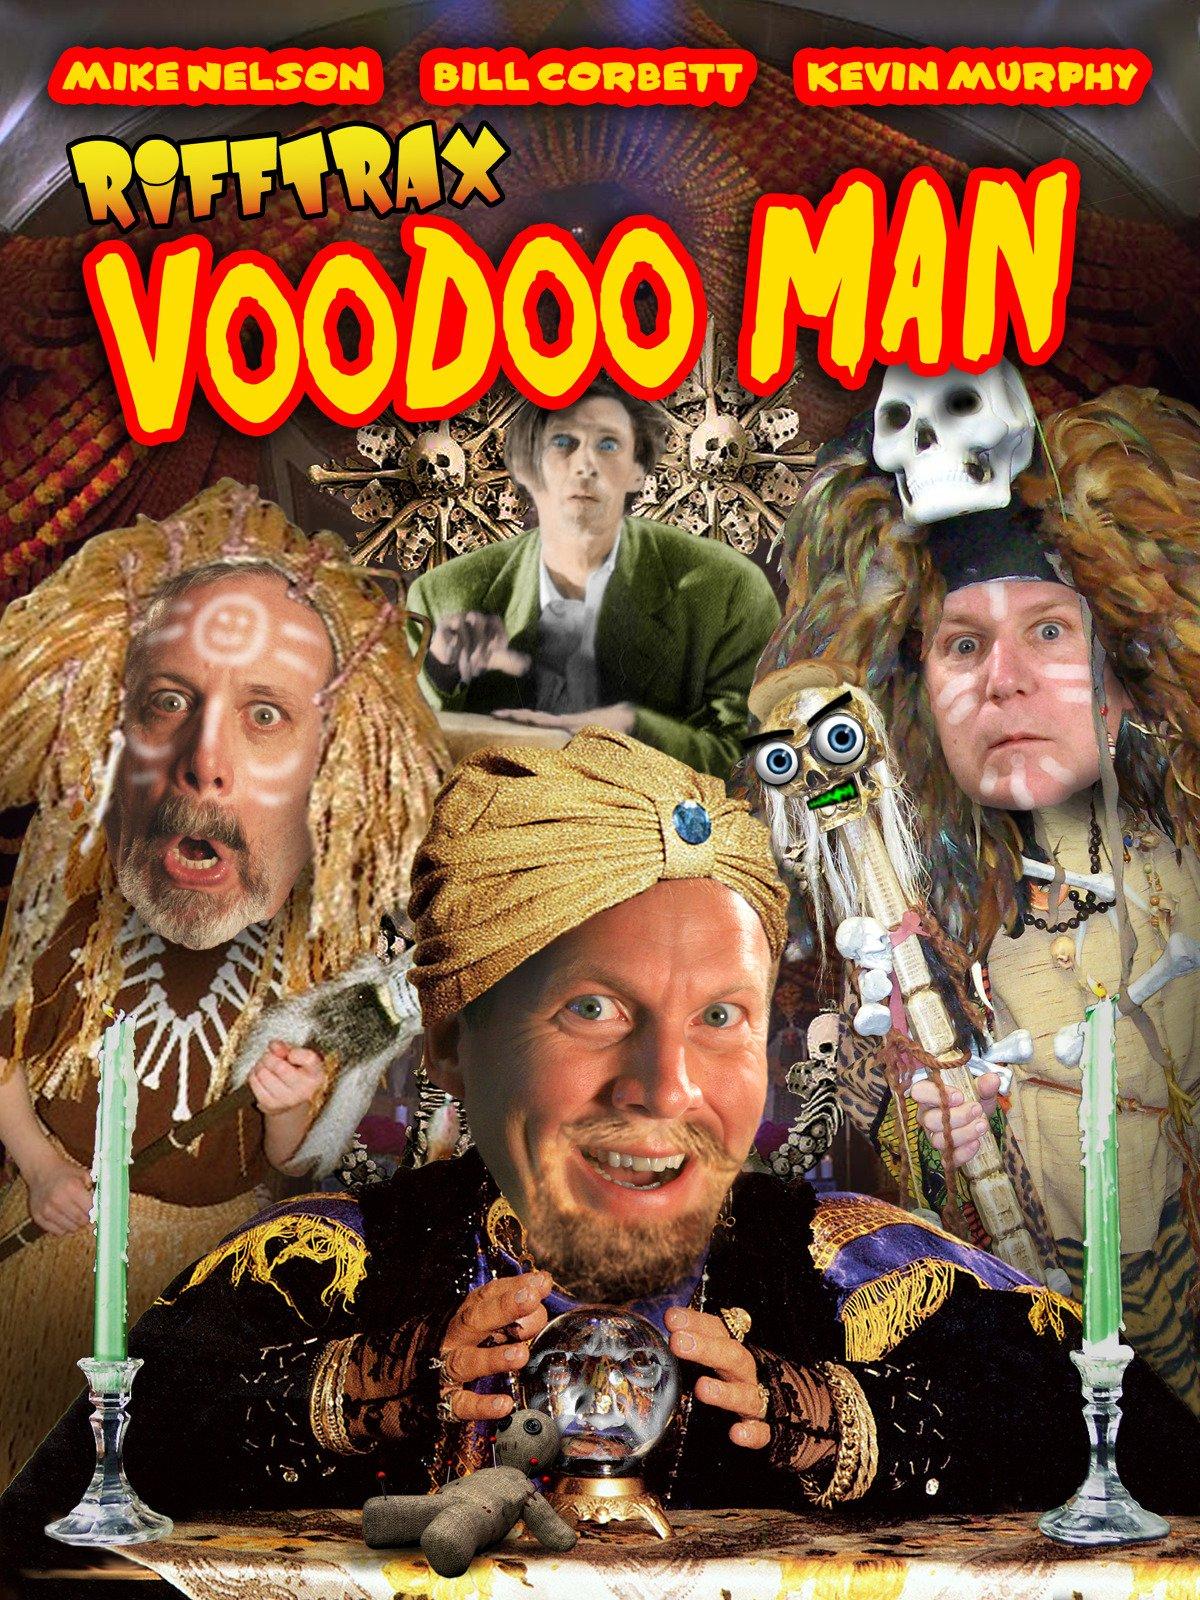 RiffTrax: Voodoo Man